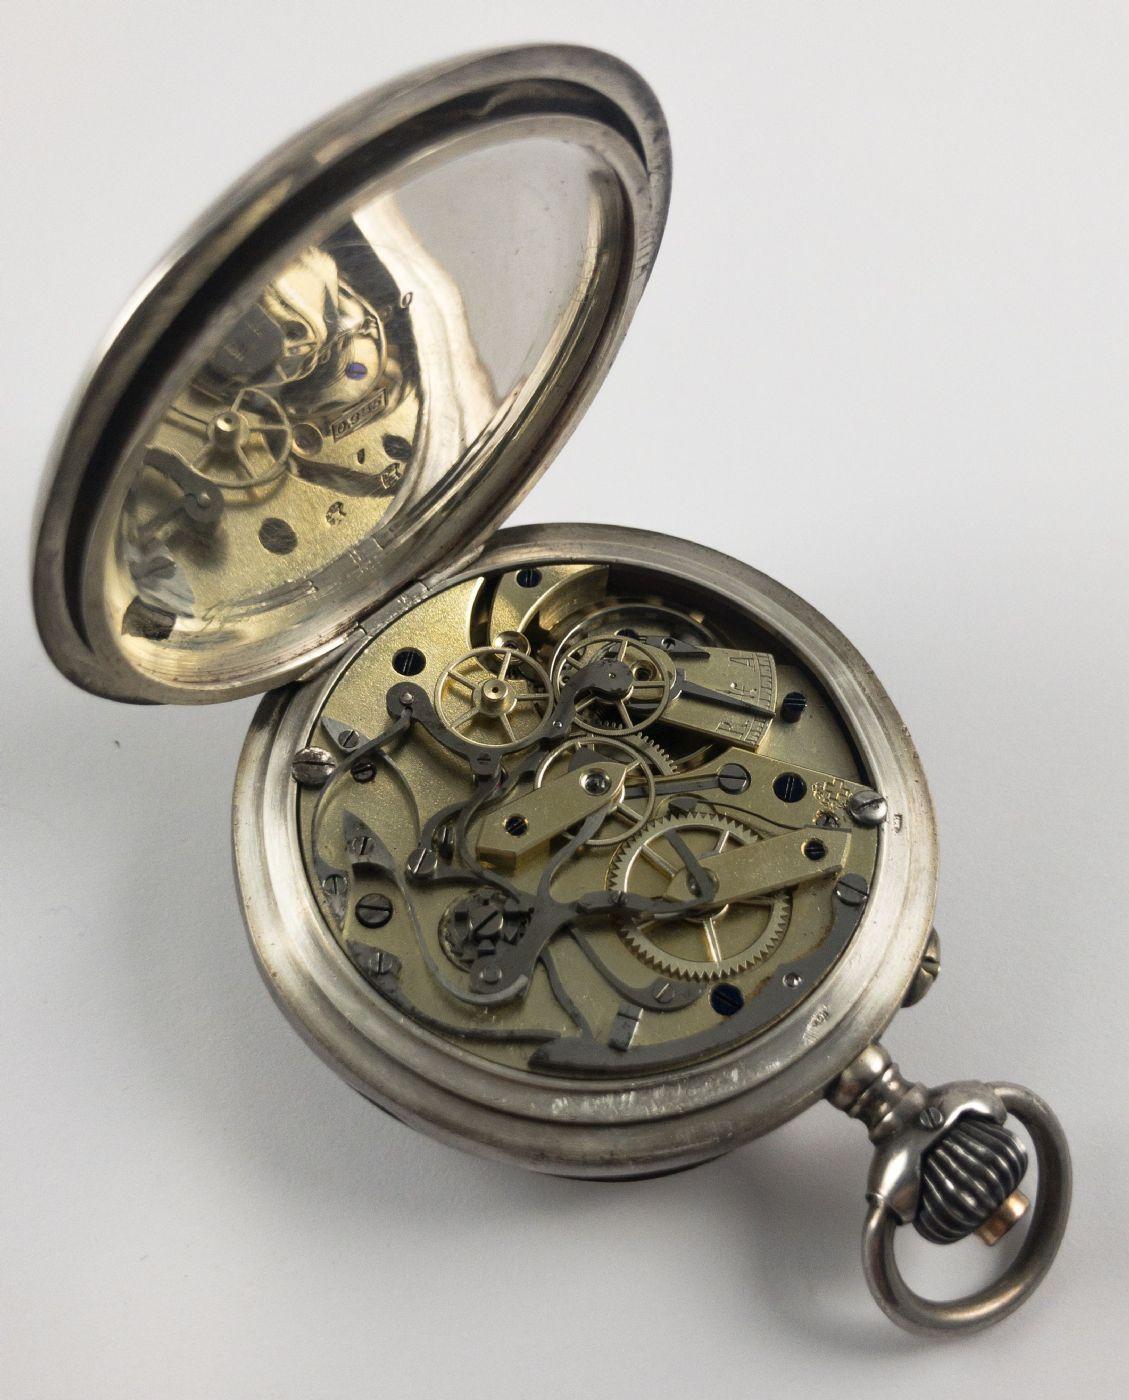 thumb4|Orologio da tasca cronografo in argento, fine 800